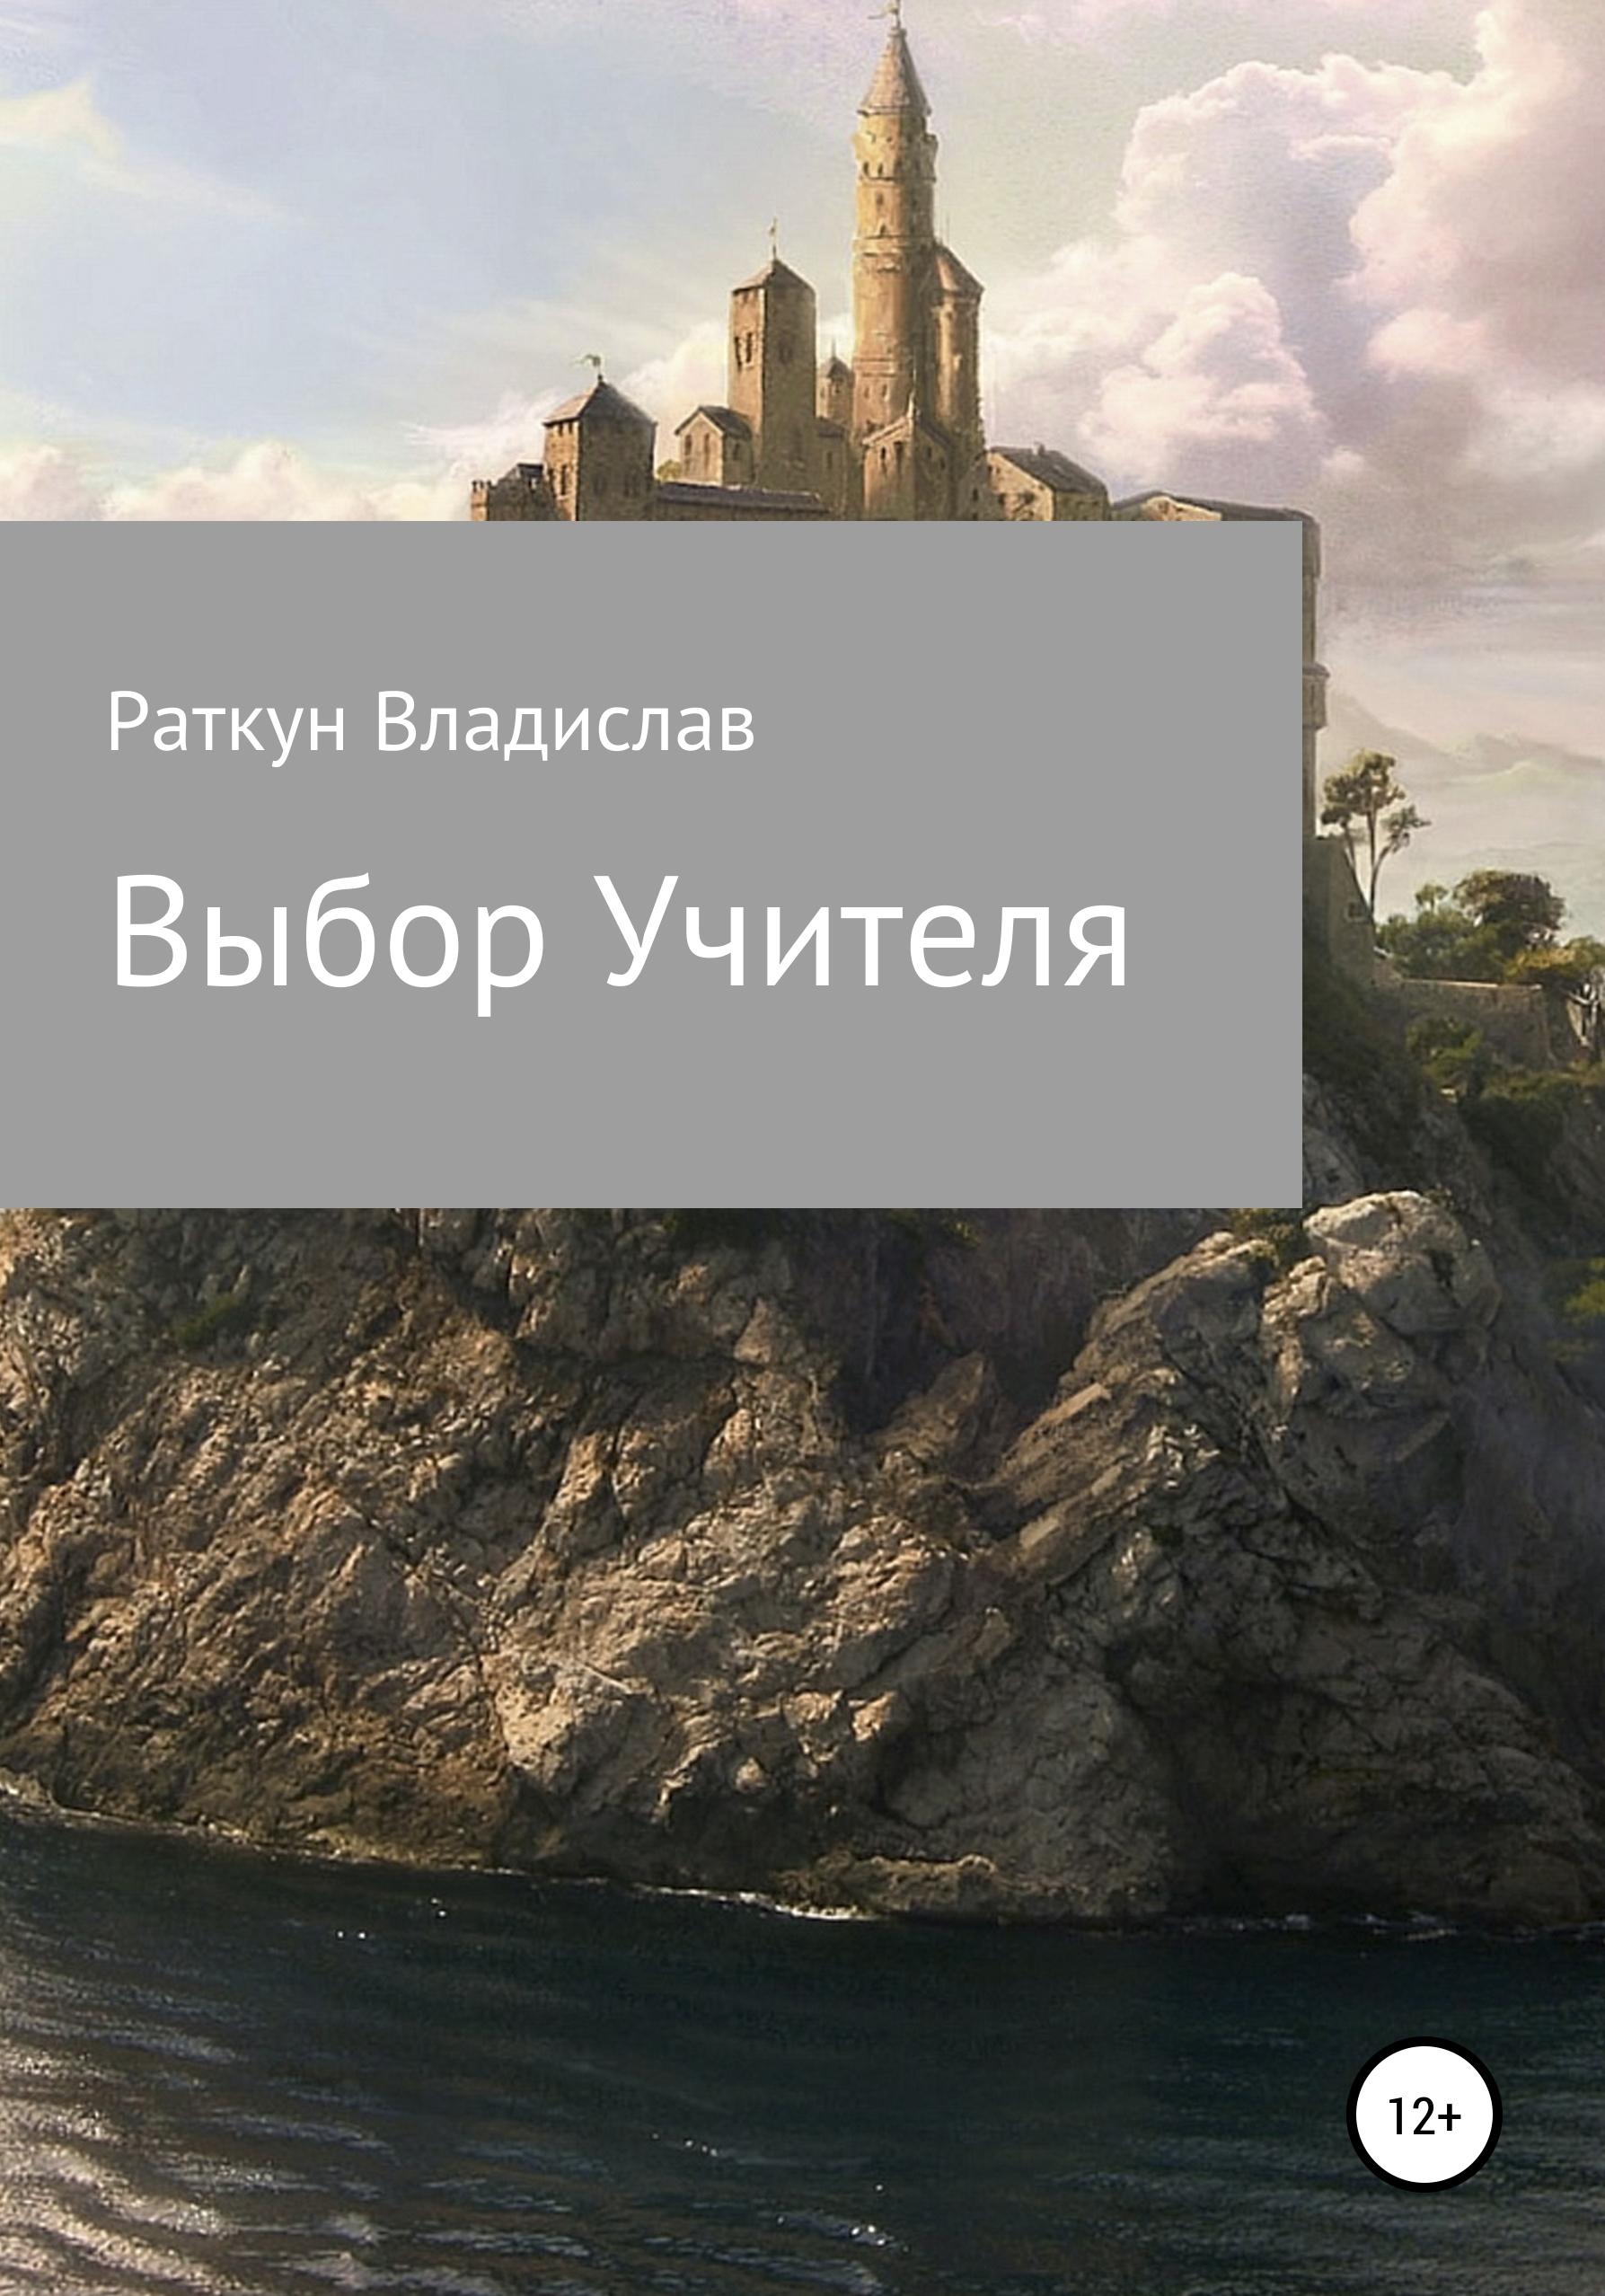 Купить книгу Выбор Учителя, автора Владислава Геннадьевича Раткуна